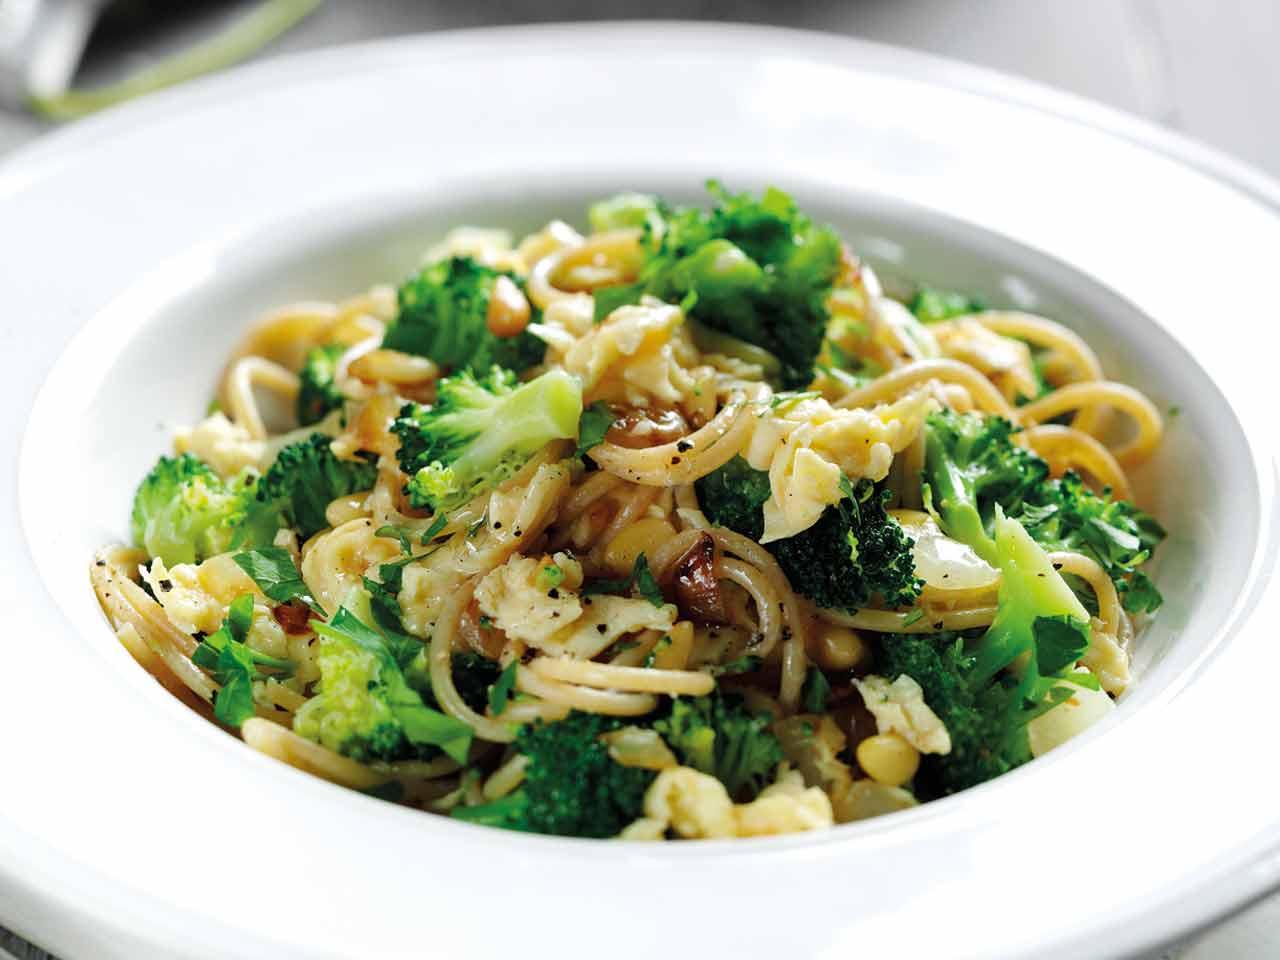 Spaghetti With Egg And Broccoli Saga